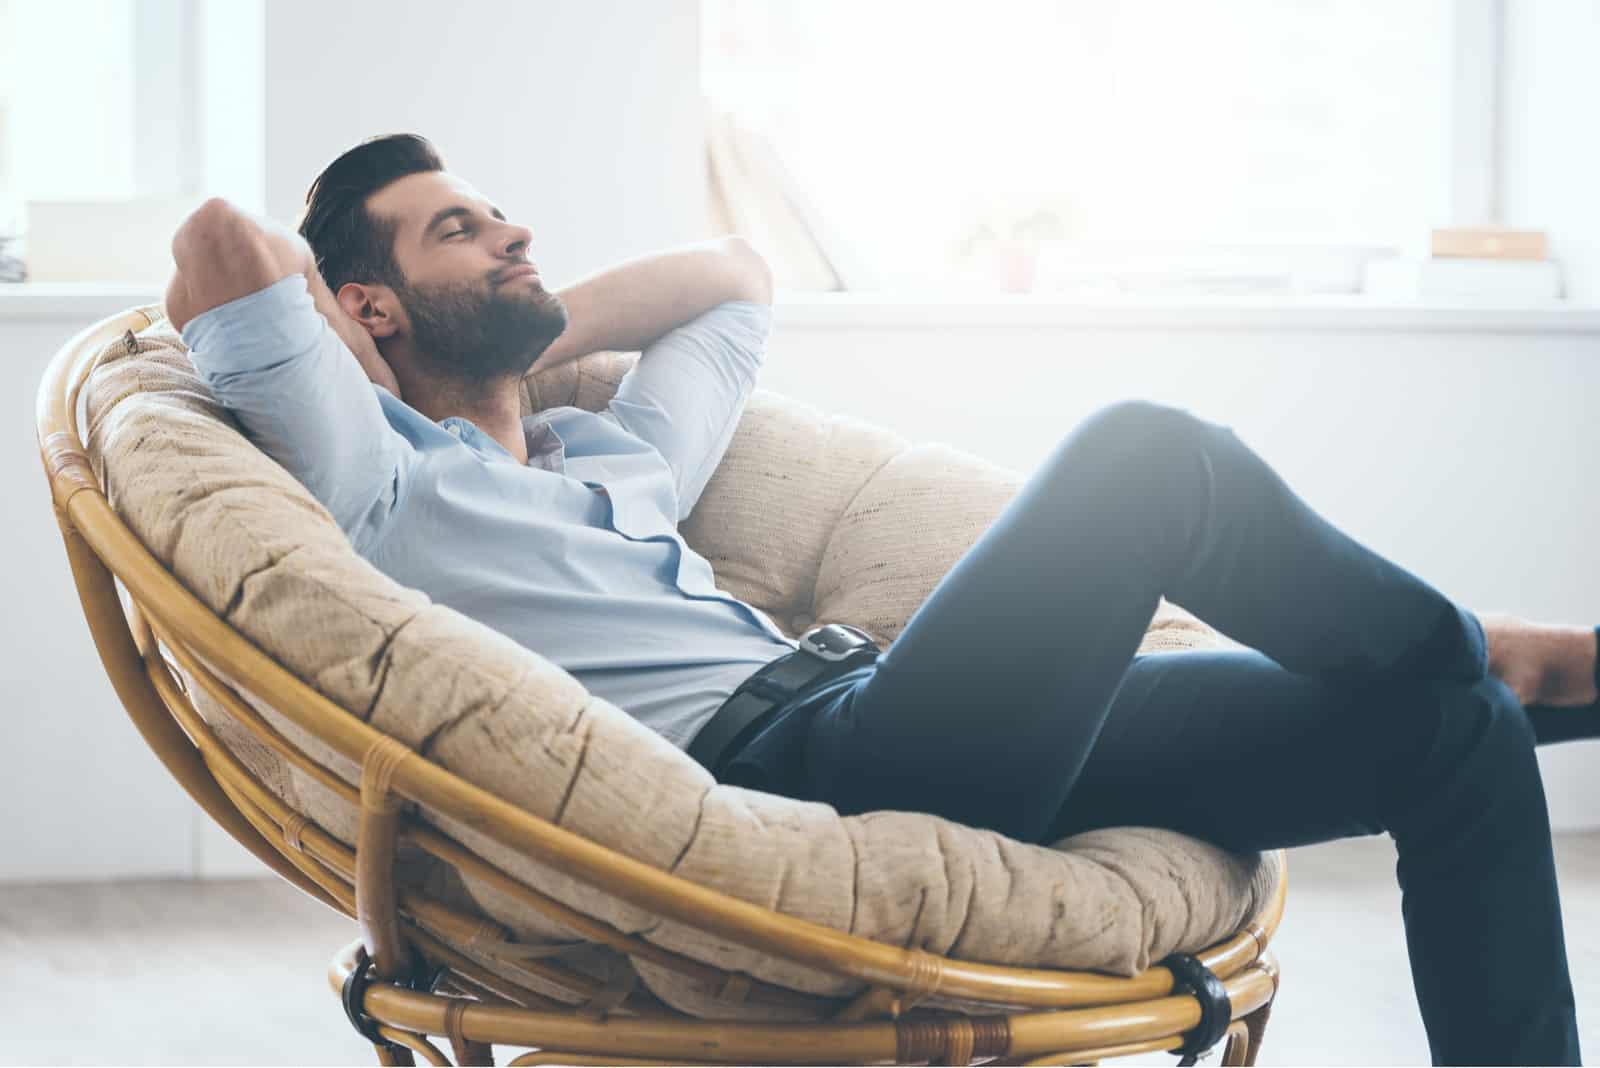 l'homme est allongé dans un fauteuil